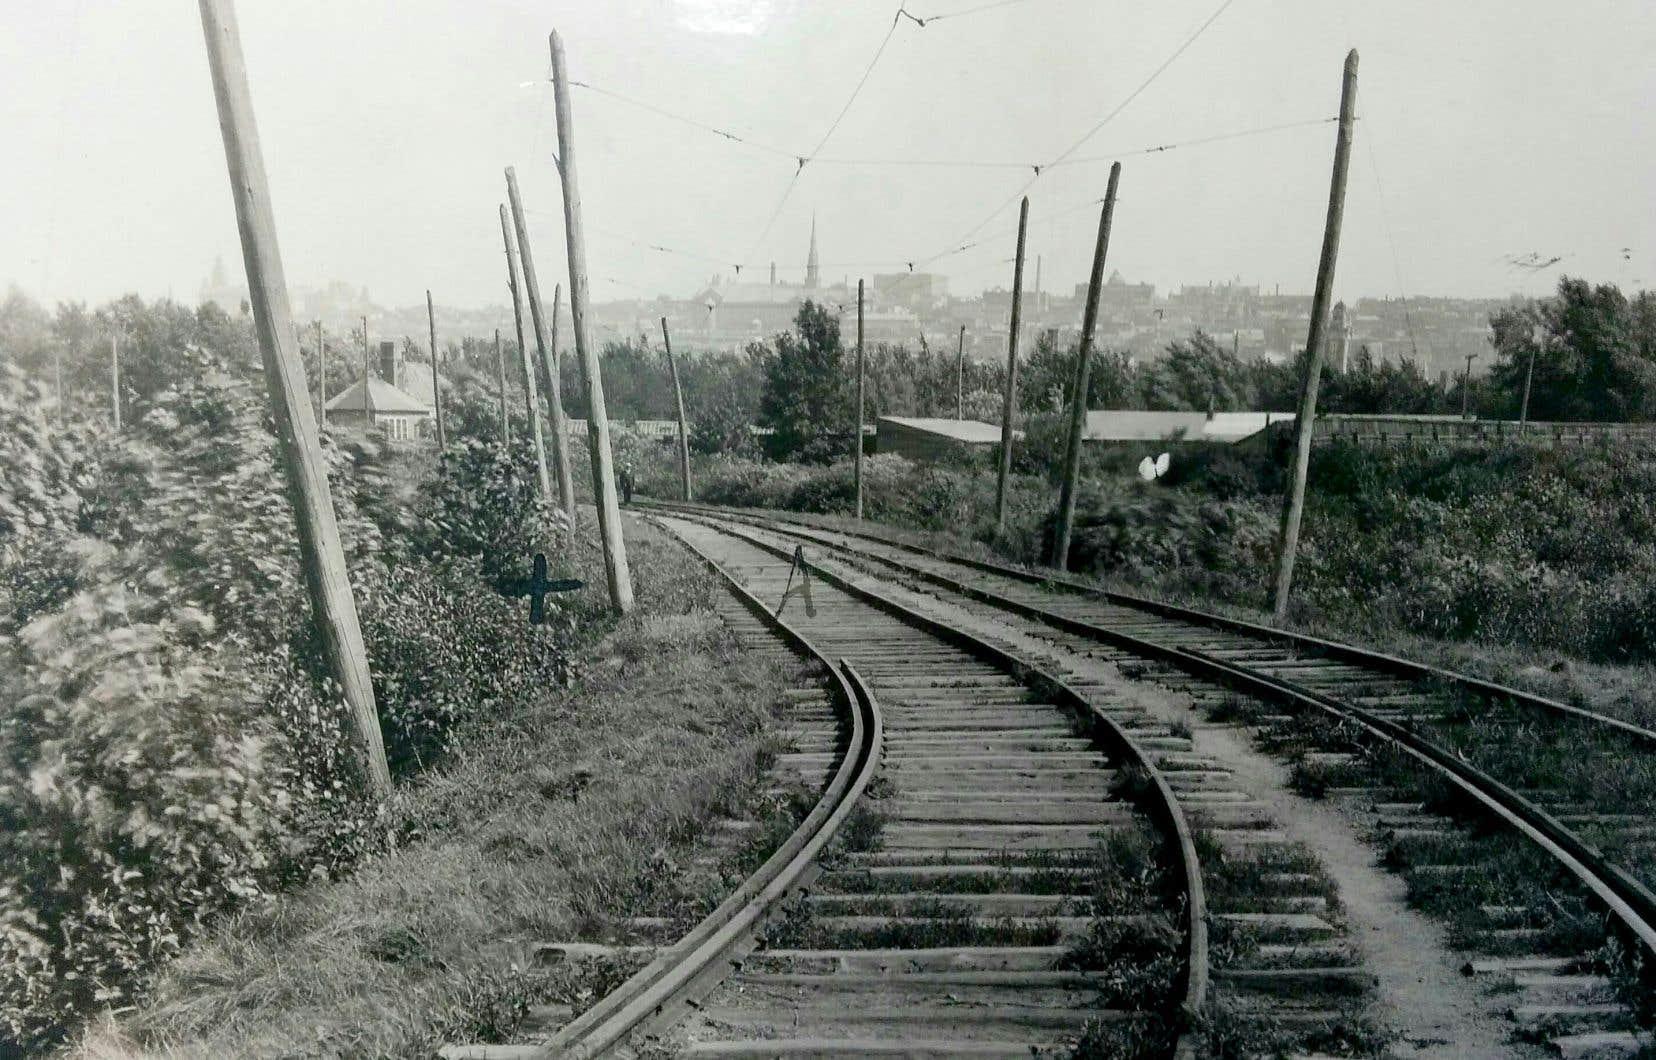 Le détournement de la rivière Saint-Charles à la fin des années 1950 a fait disparaître la scène du crime, marquée d'une croix sur cette photo de la police où l'on aperçoit la silhouette brumeuse du parlement, à l'extrême gauche.